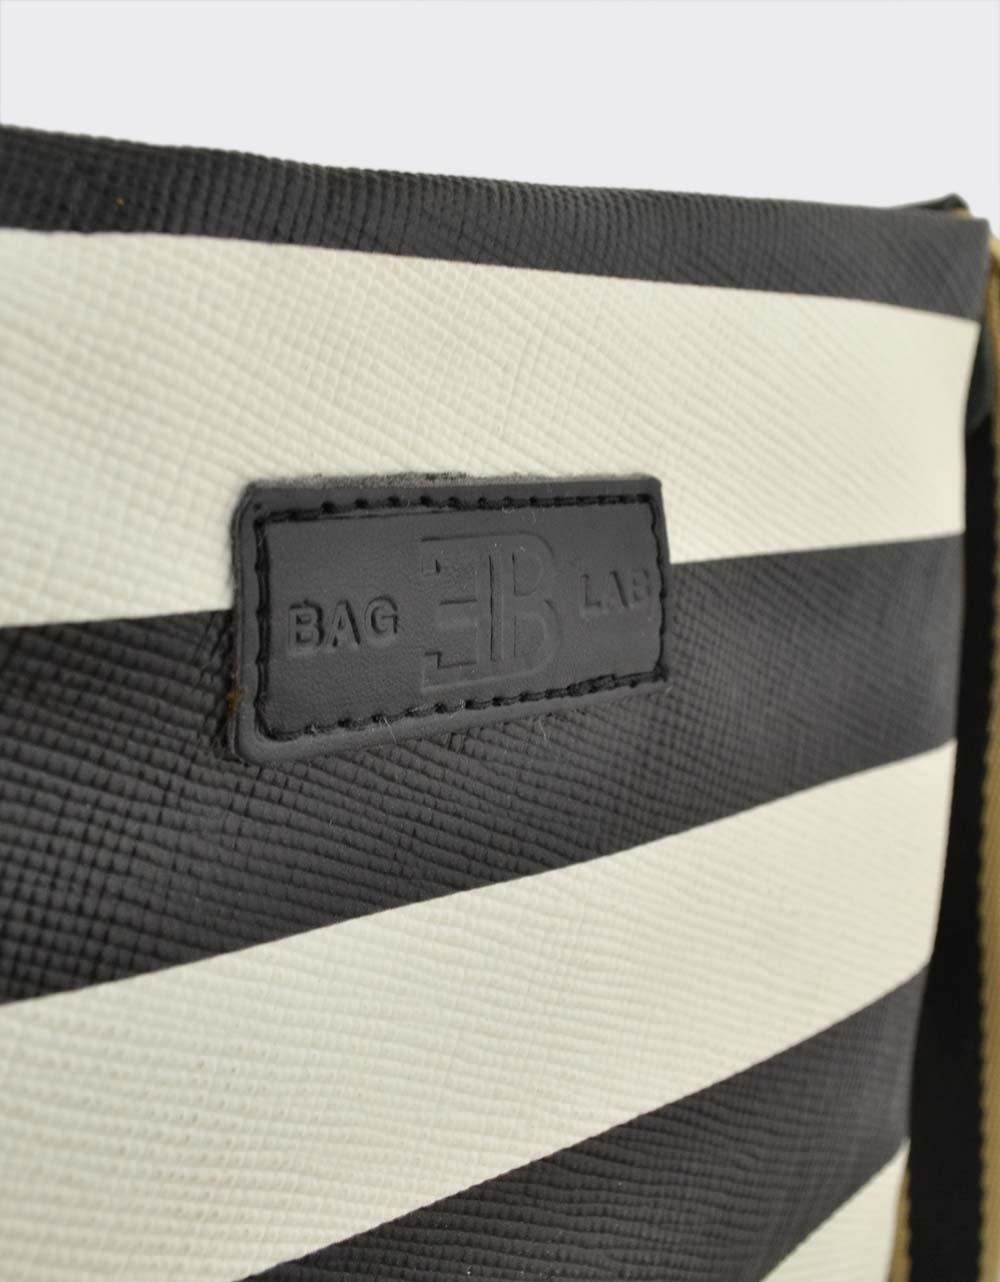 Εικόνα από Γυναικείες τσάντες ώμου χιαστί ριγέ Λευκό/Μαύρο